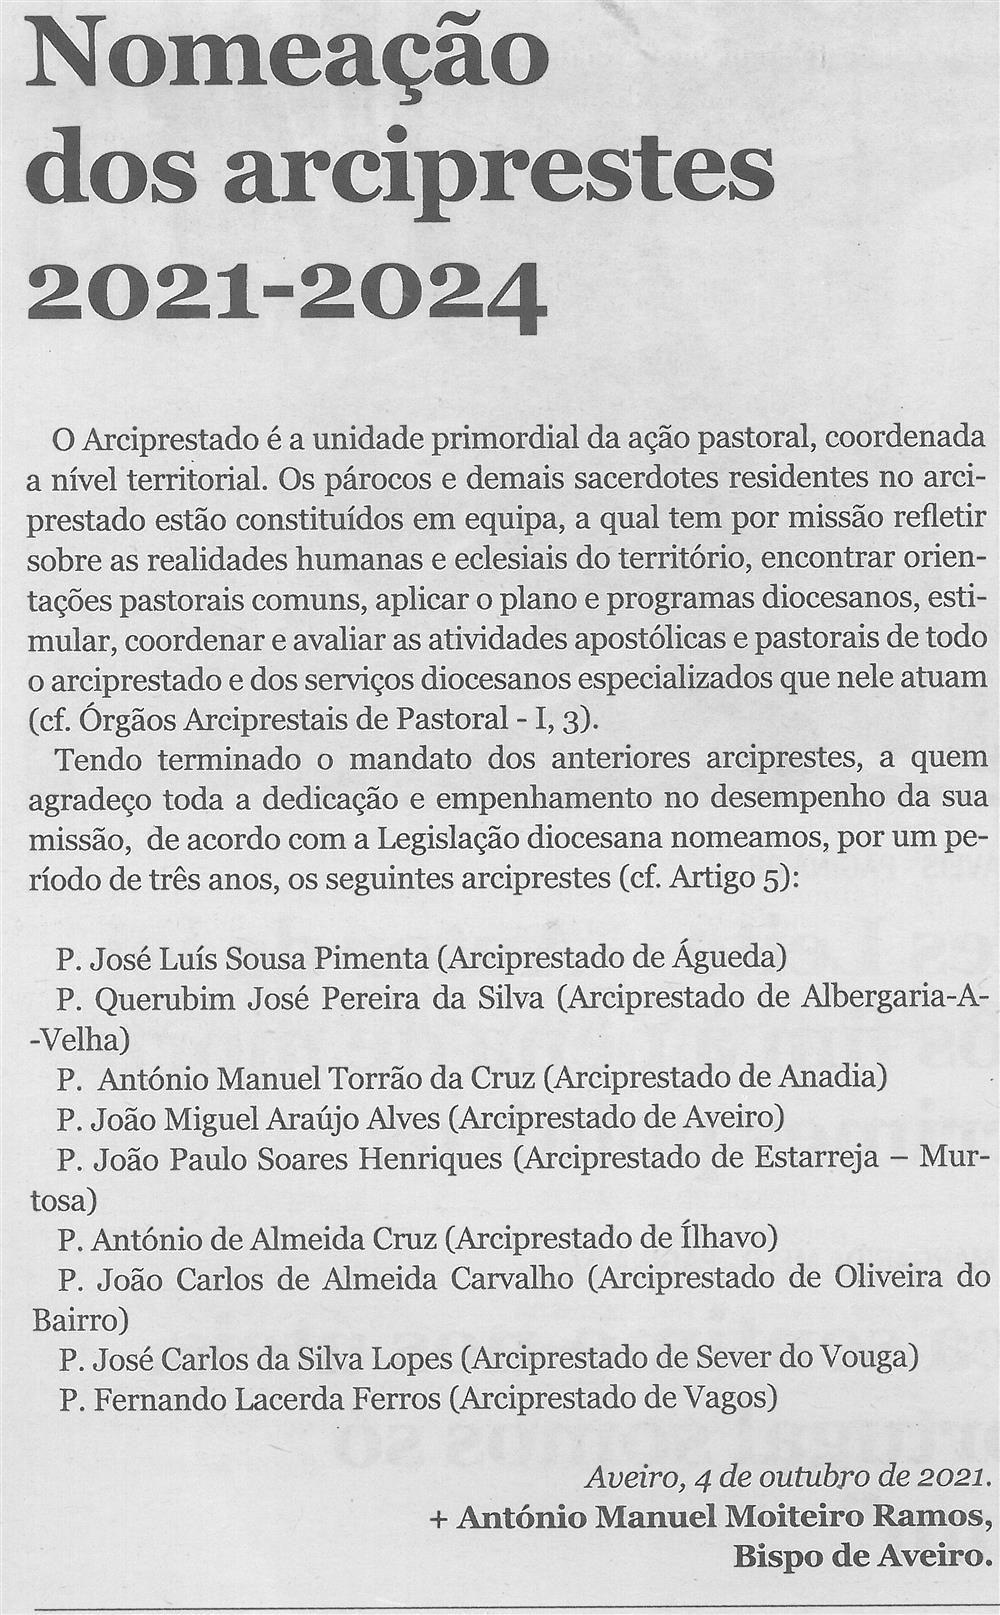 CV-Ano 91, n.º 4468 (06 out. '21), p. 2-Nomeação dos arciprestes 2021-2024.jpg